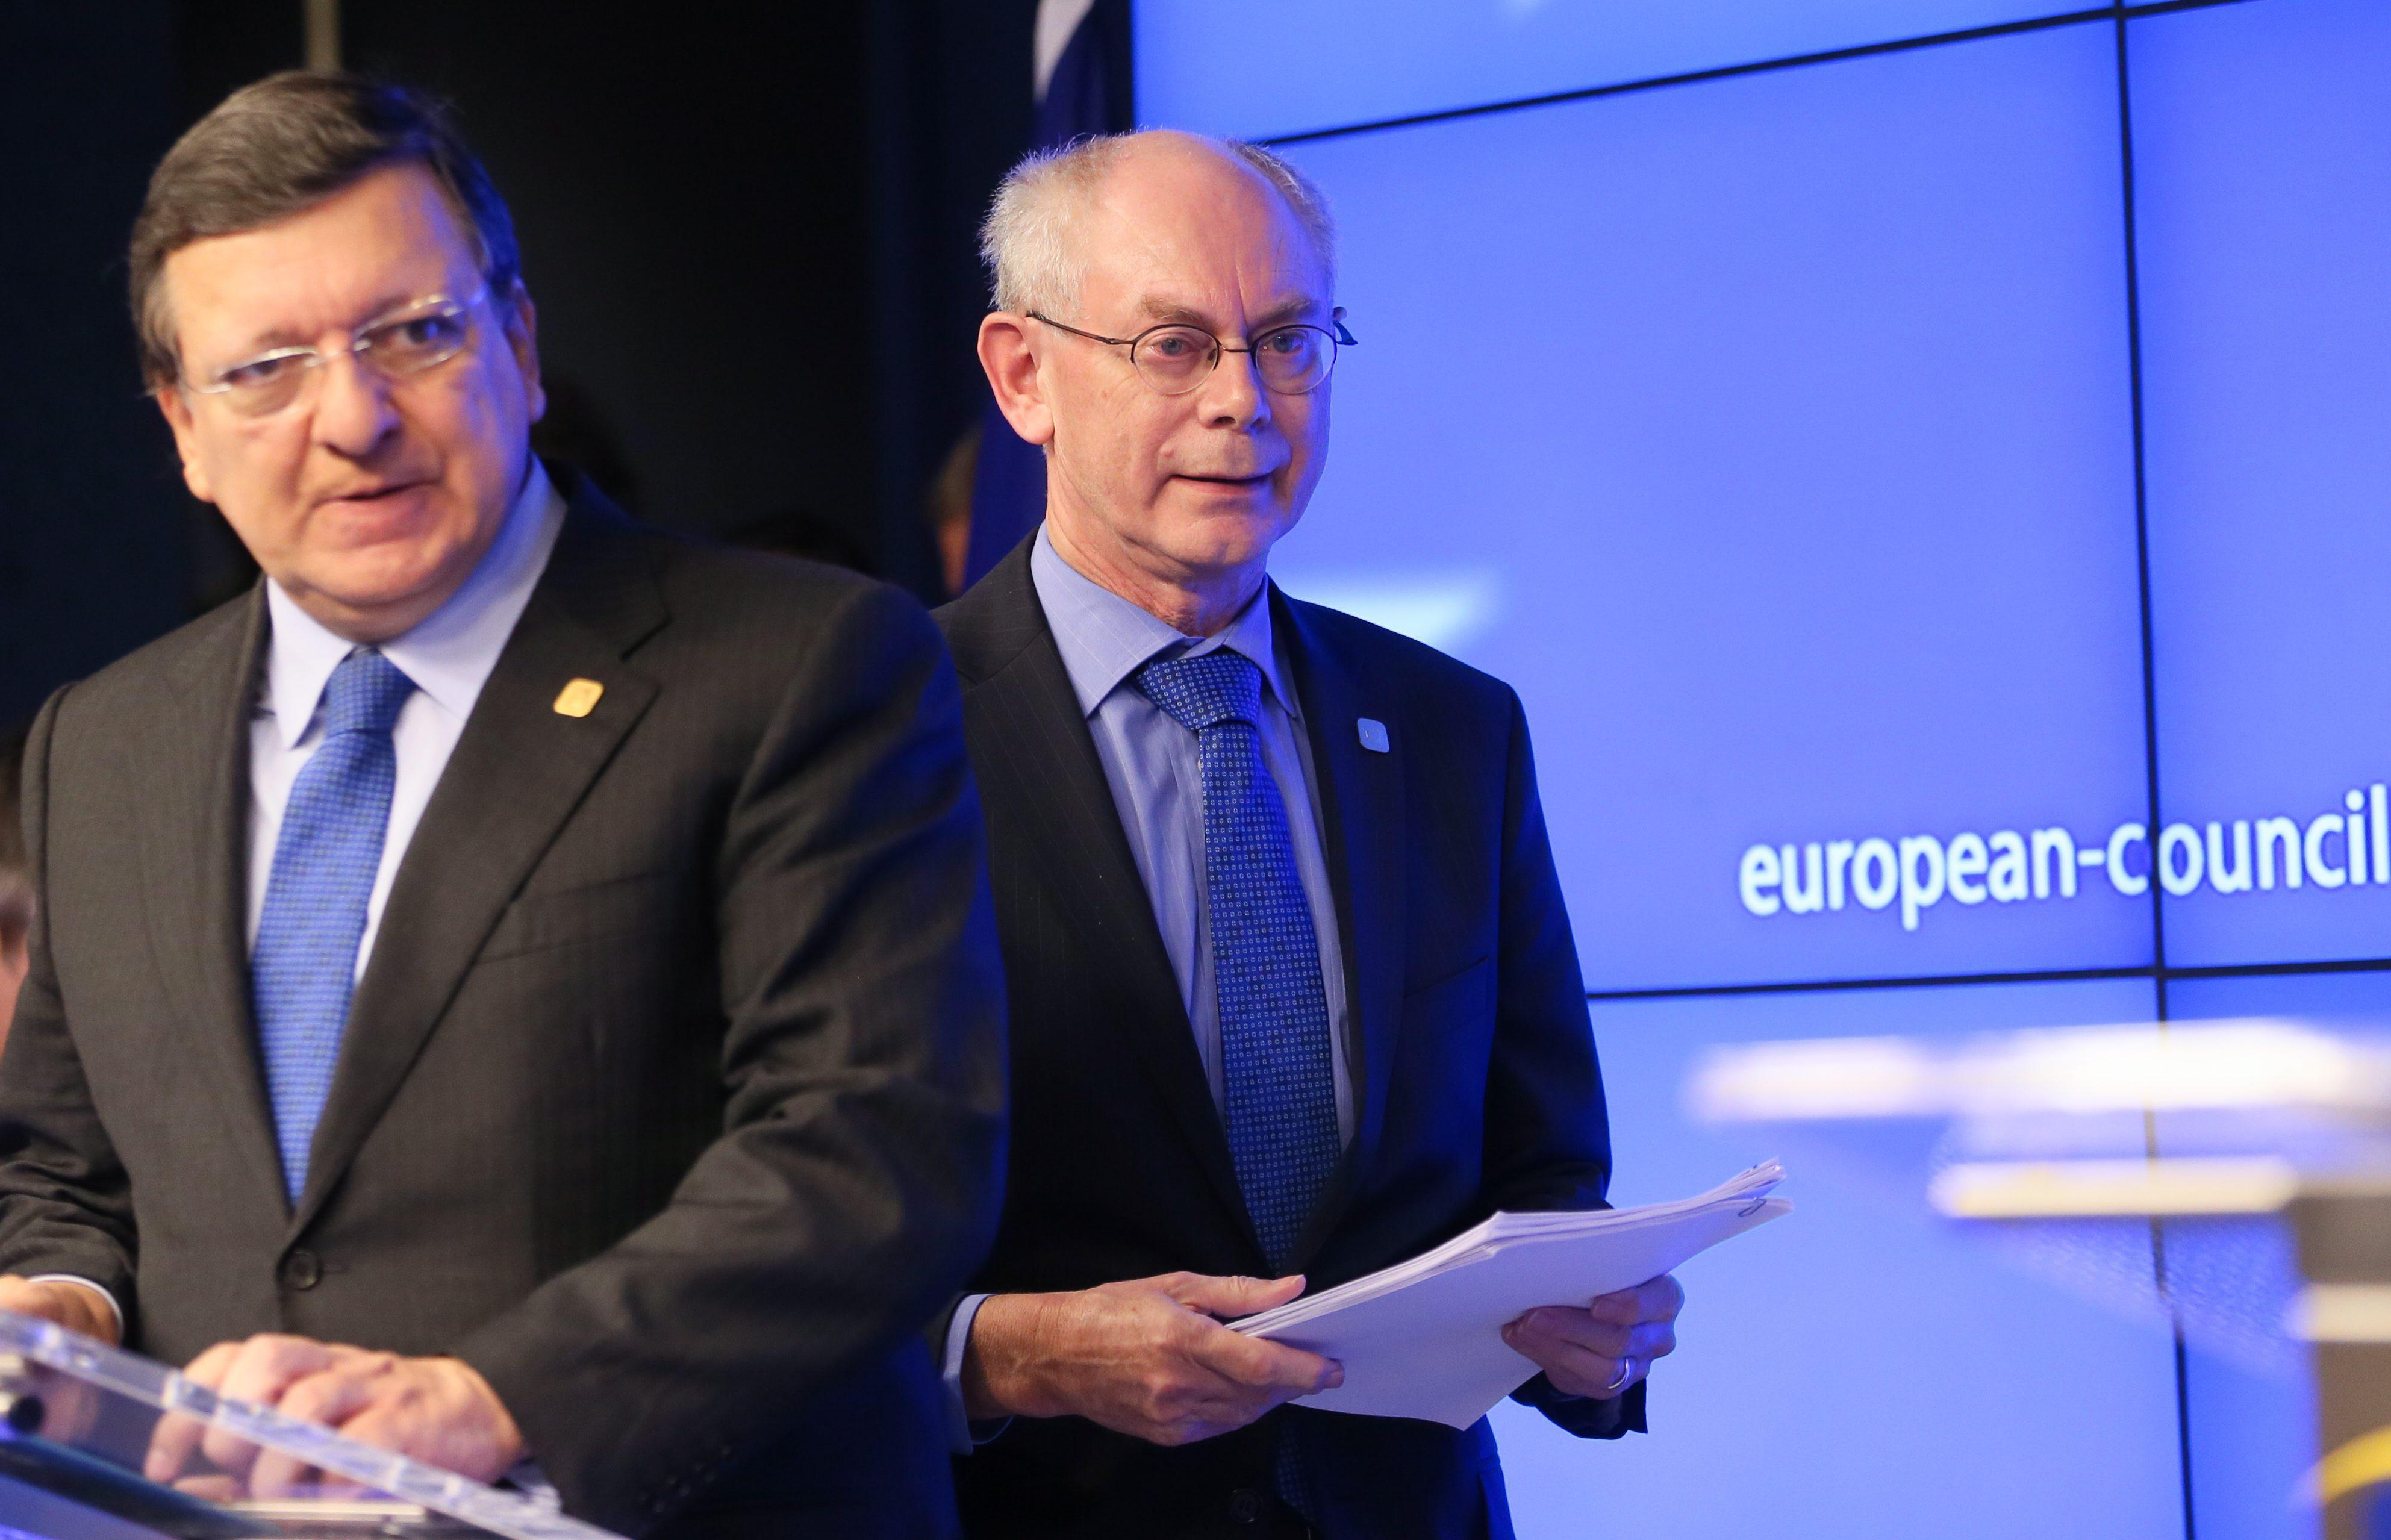 Los líderes de la UE respaldan el mecanismo único de liquidación bancaria